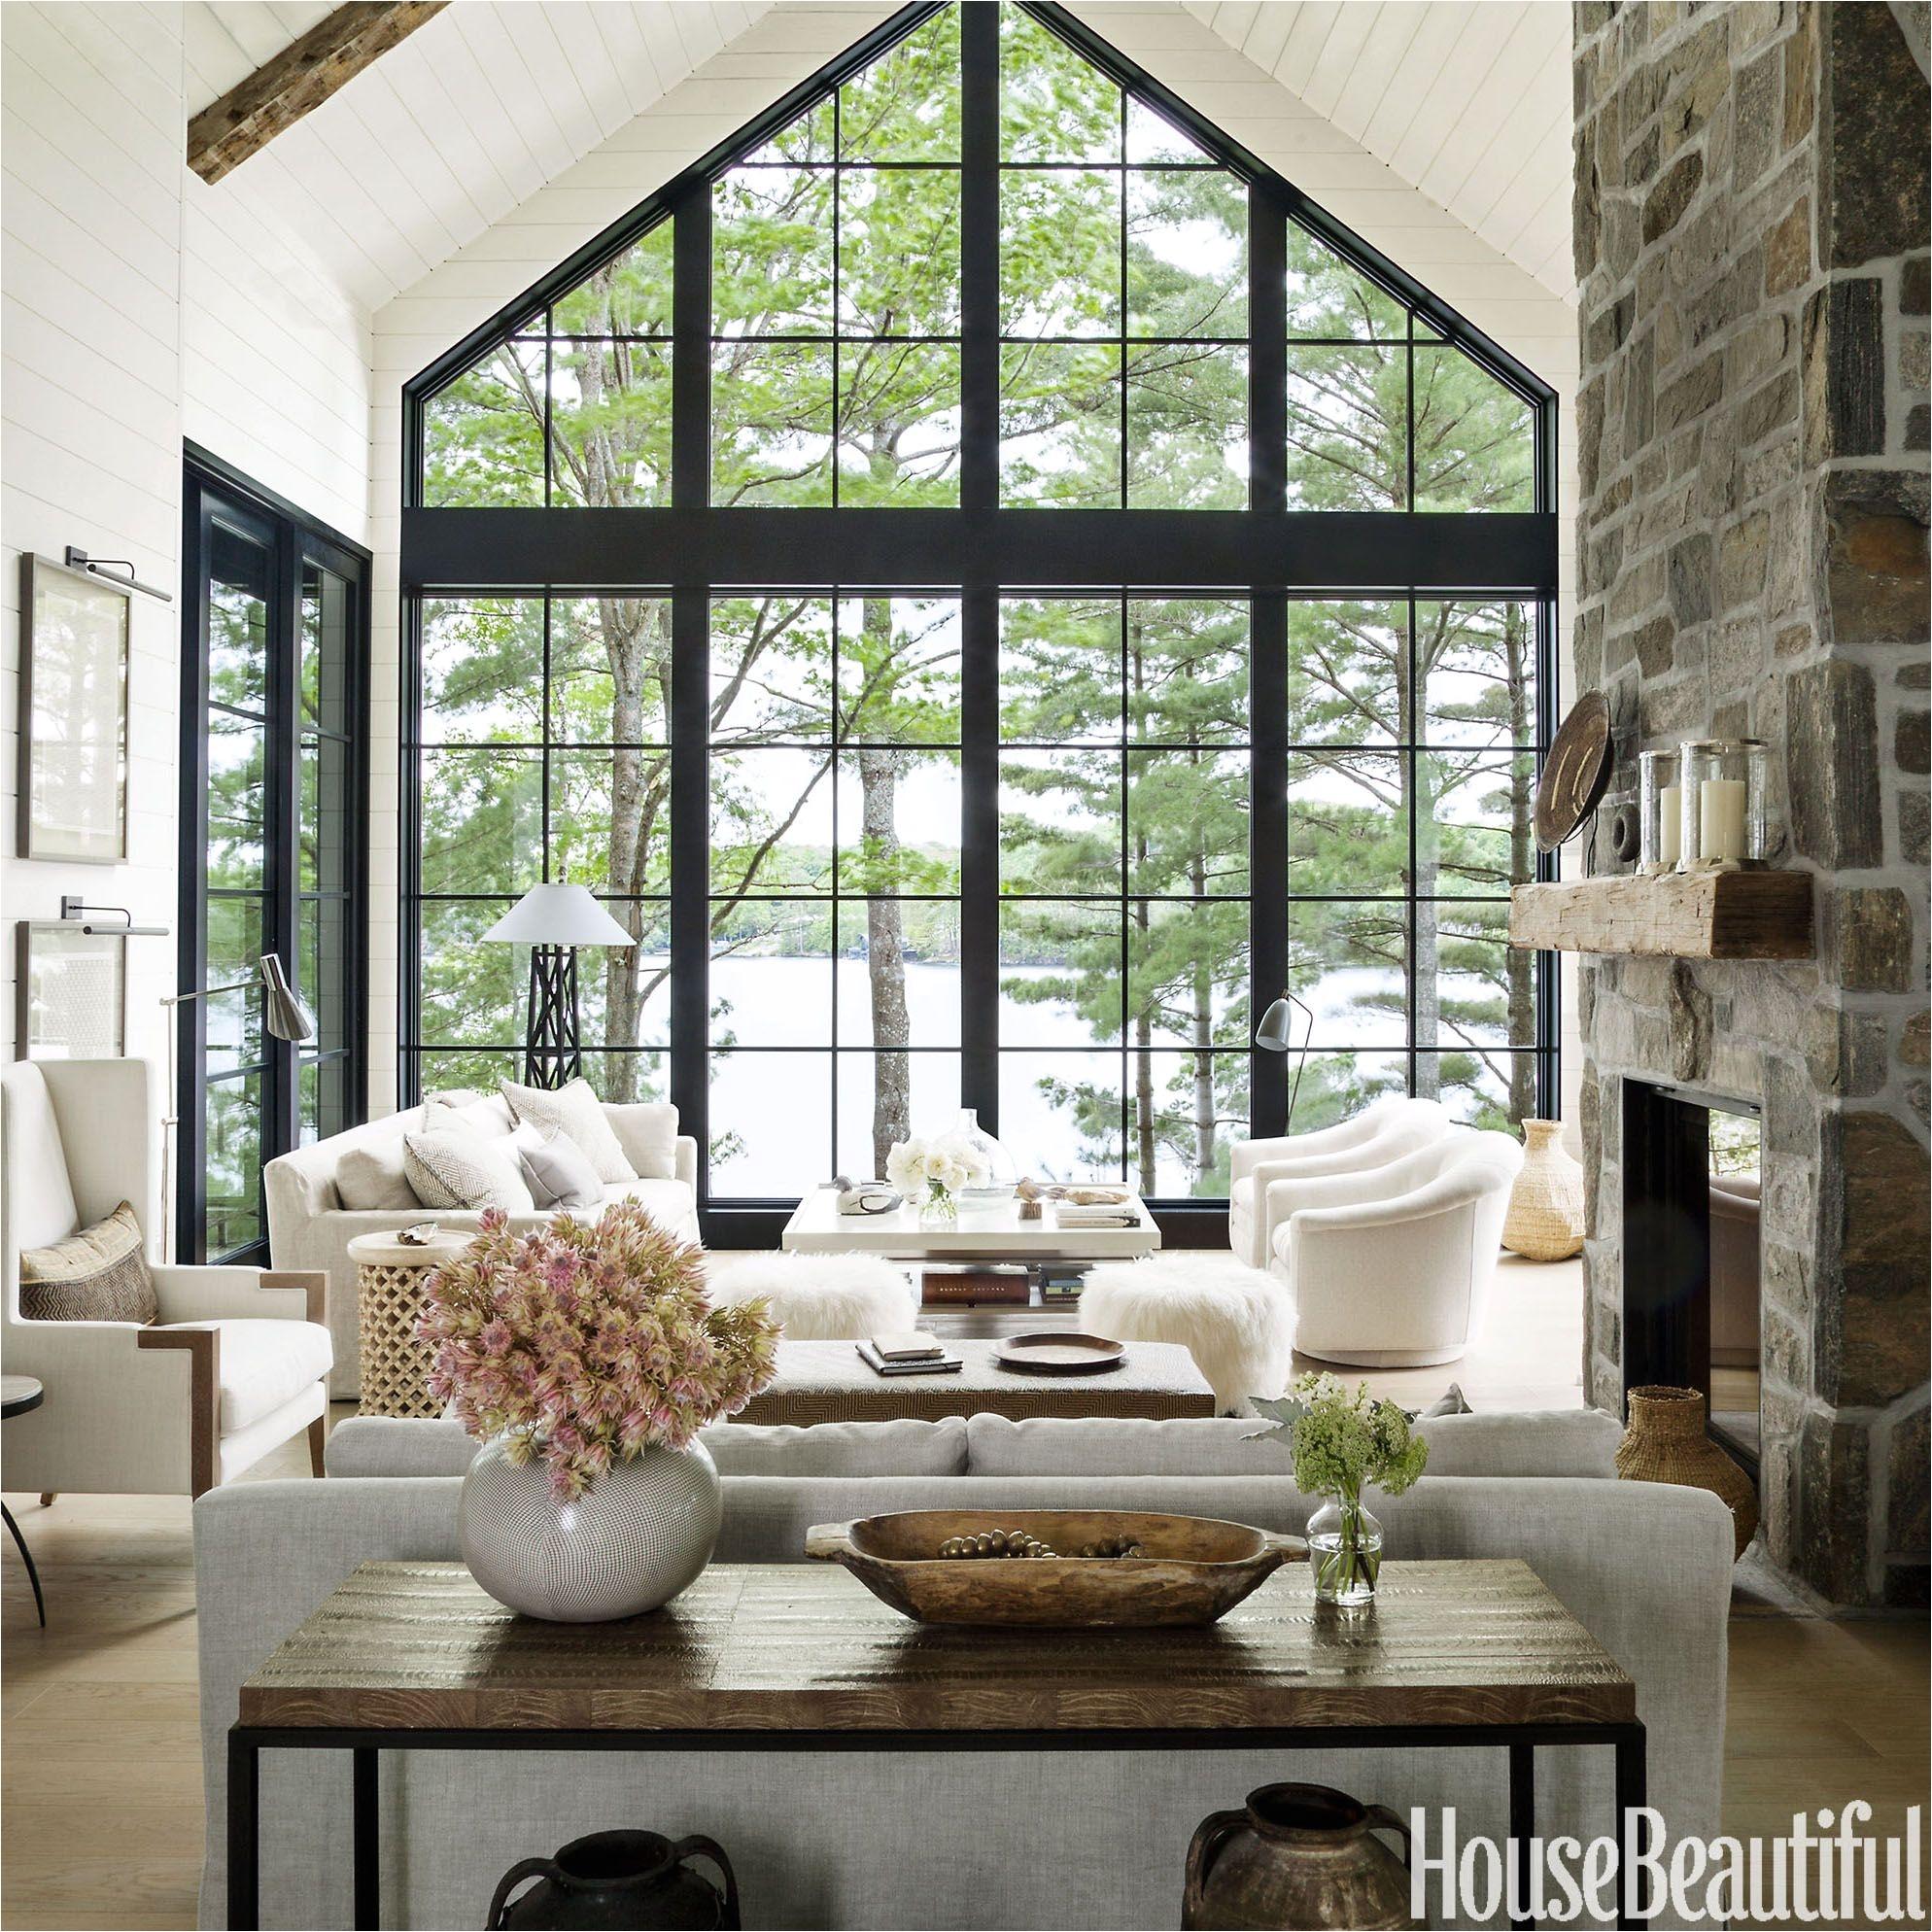 interior designer anne hepfer s modern rustic summer lake house in muskoka